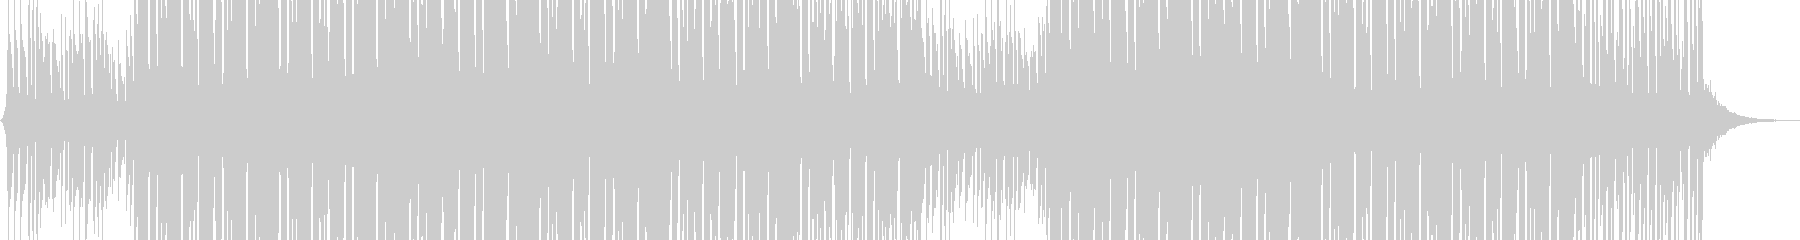 フュージョン ジャズ レトロ ポジ...の未再生の波形